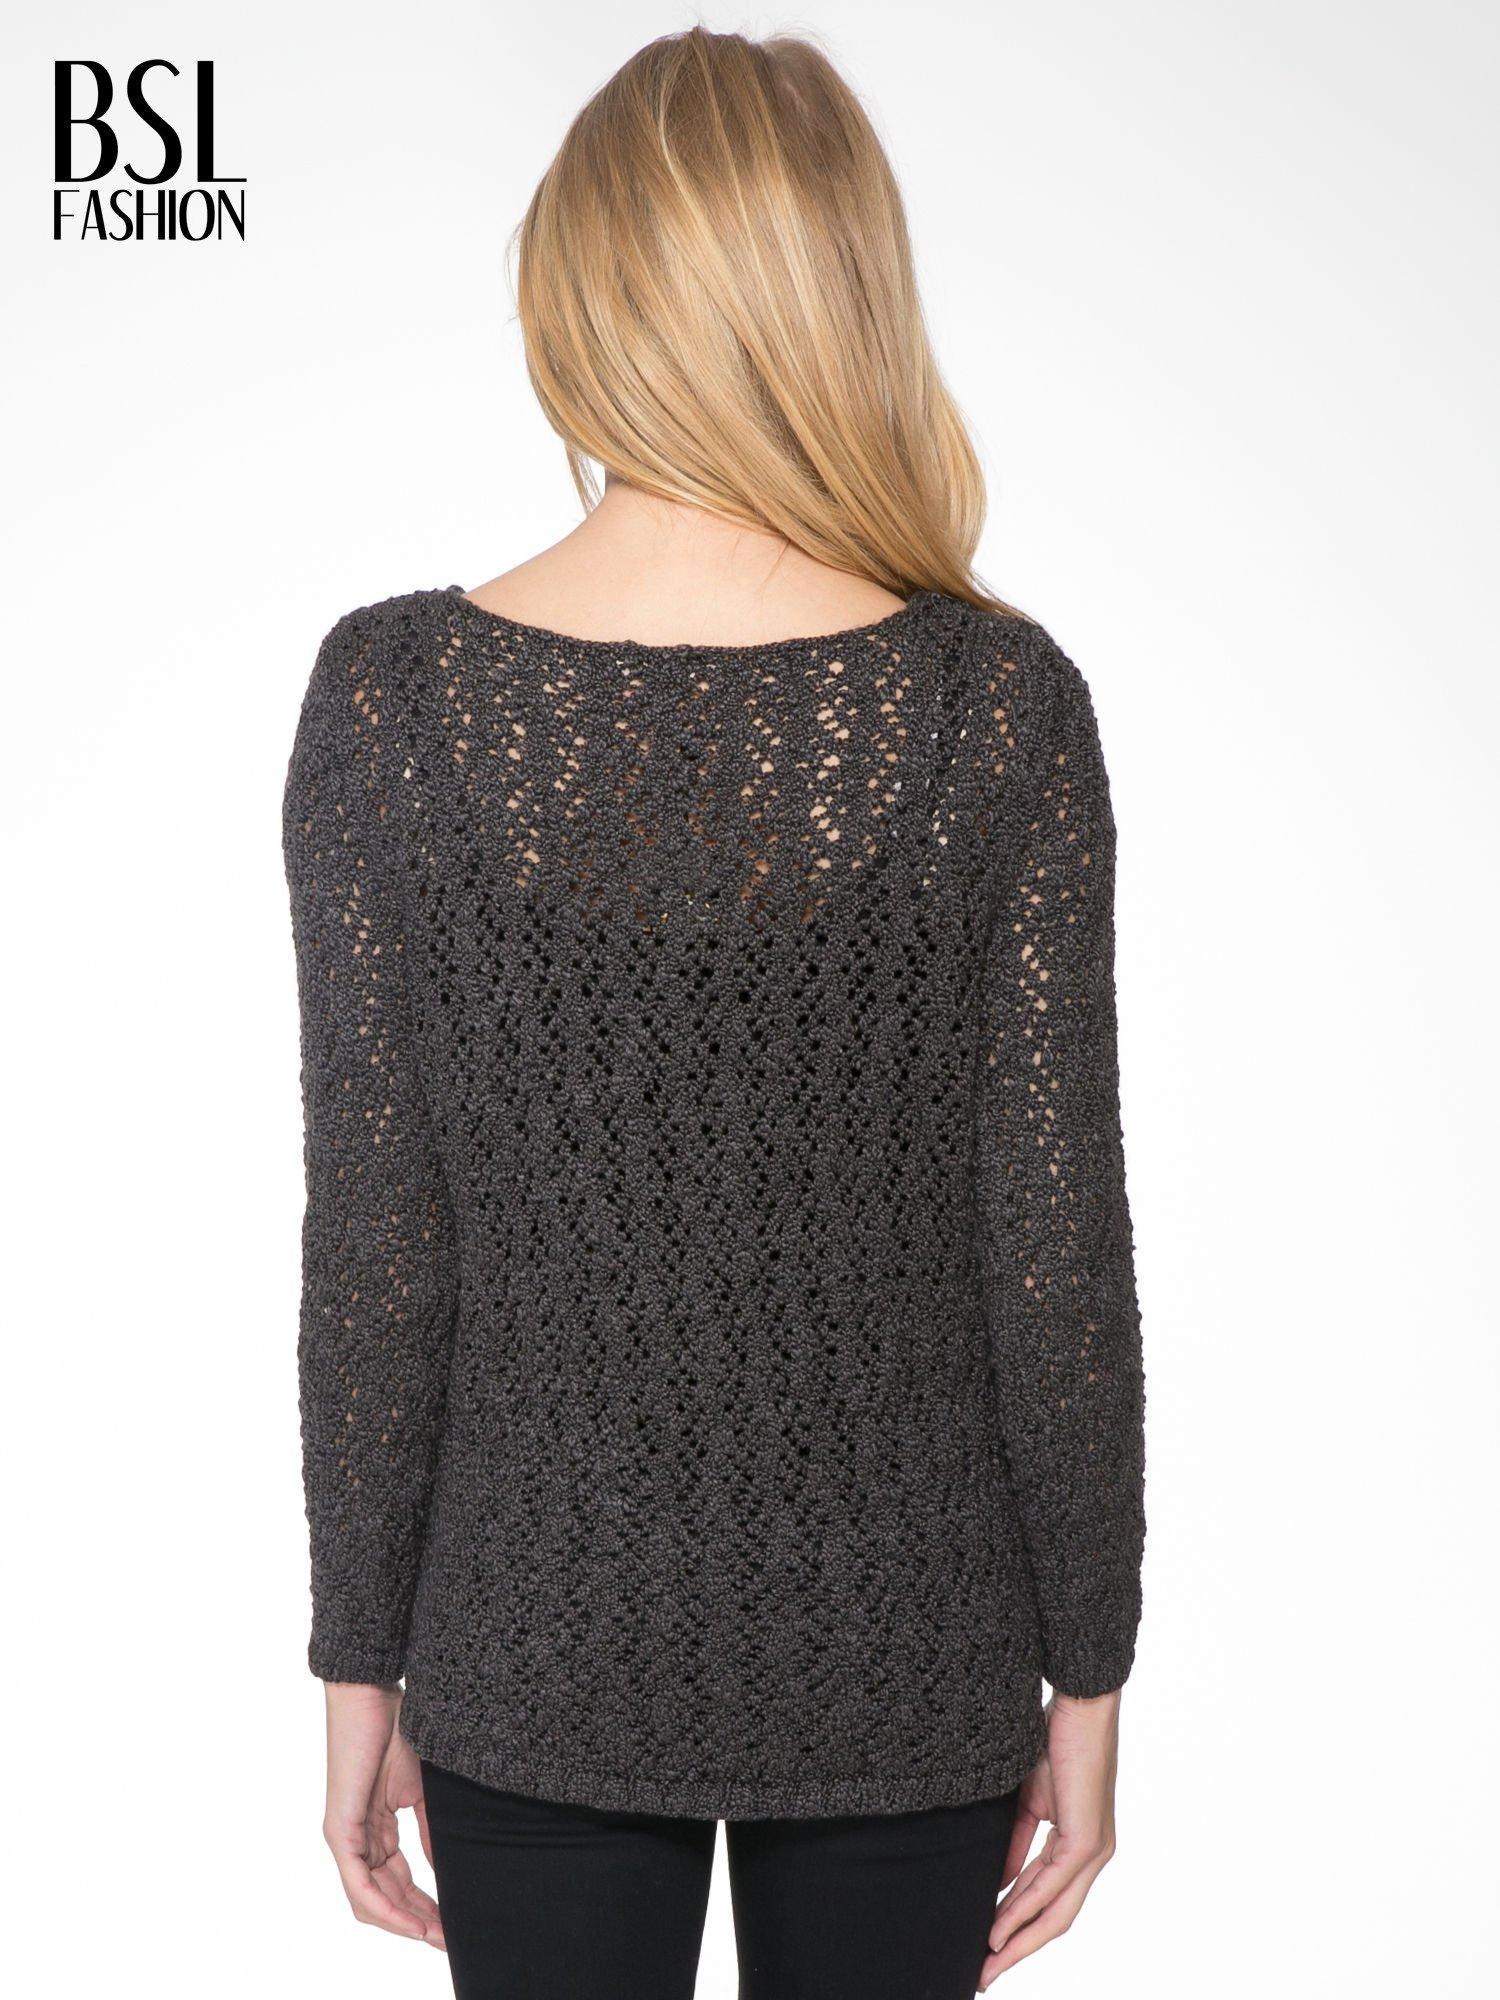 Grafitowy sweter o ażurowym splocie                                  zdj.                                  4